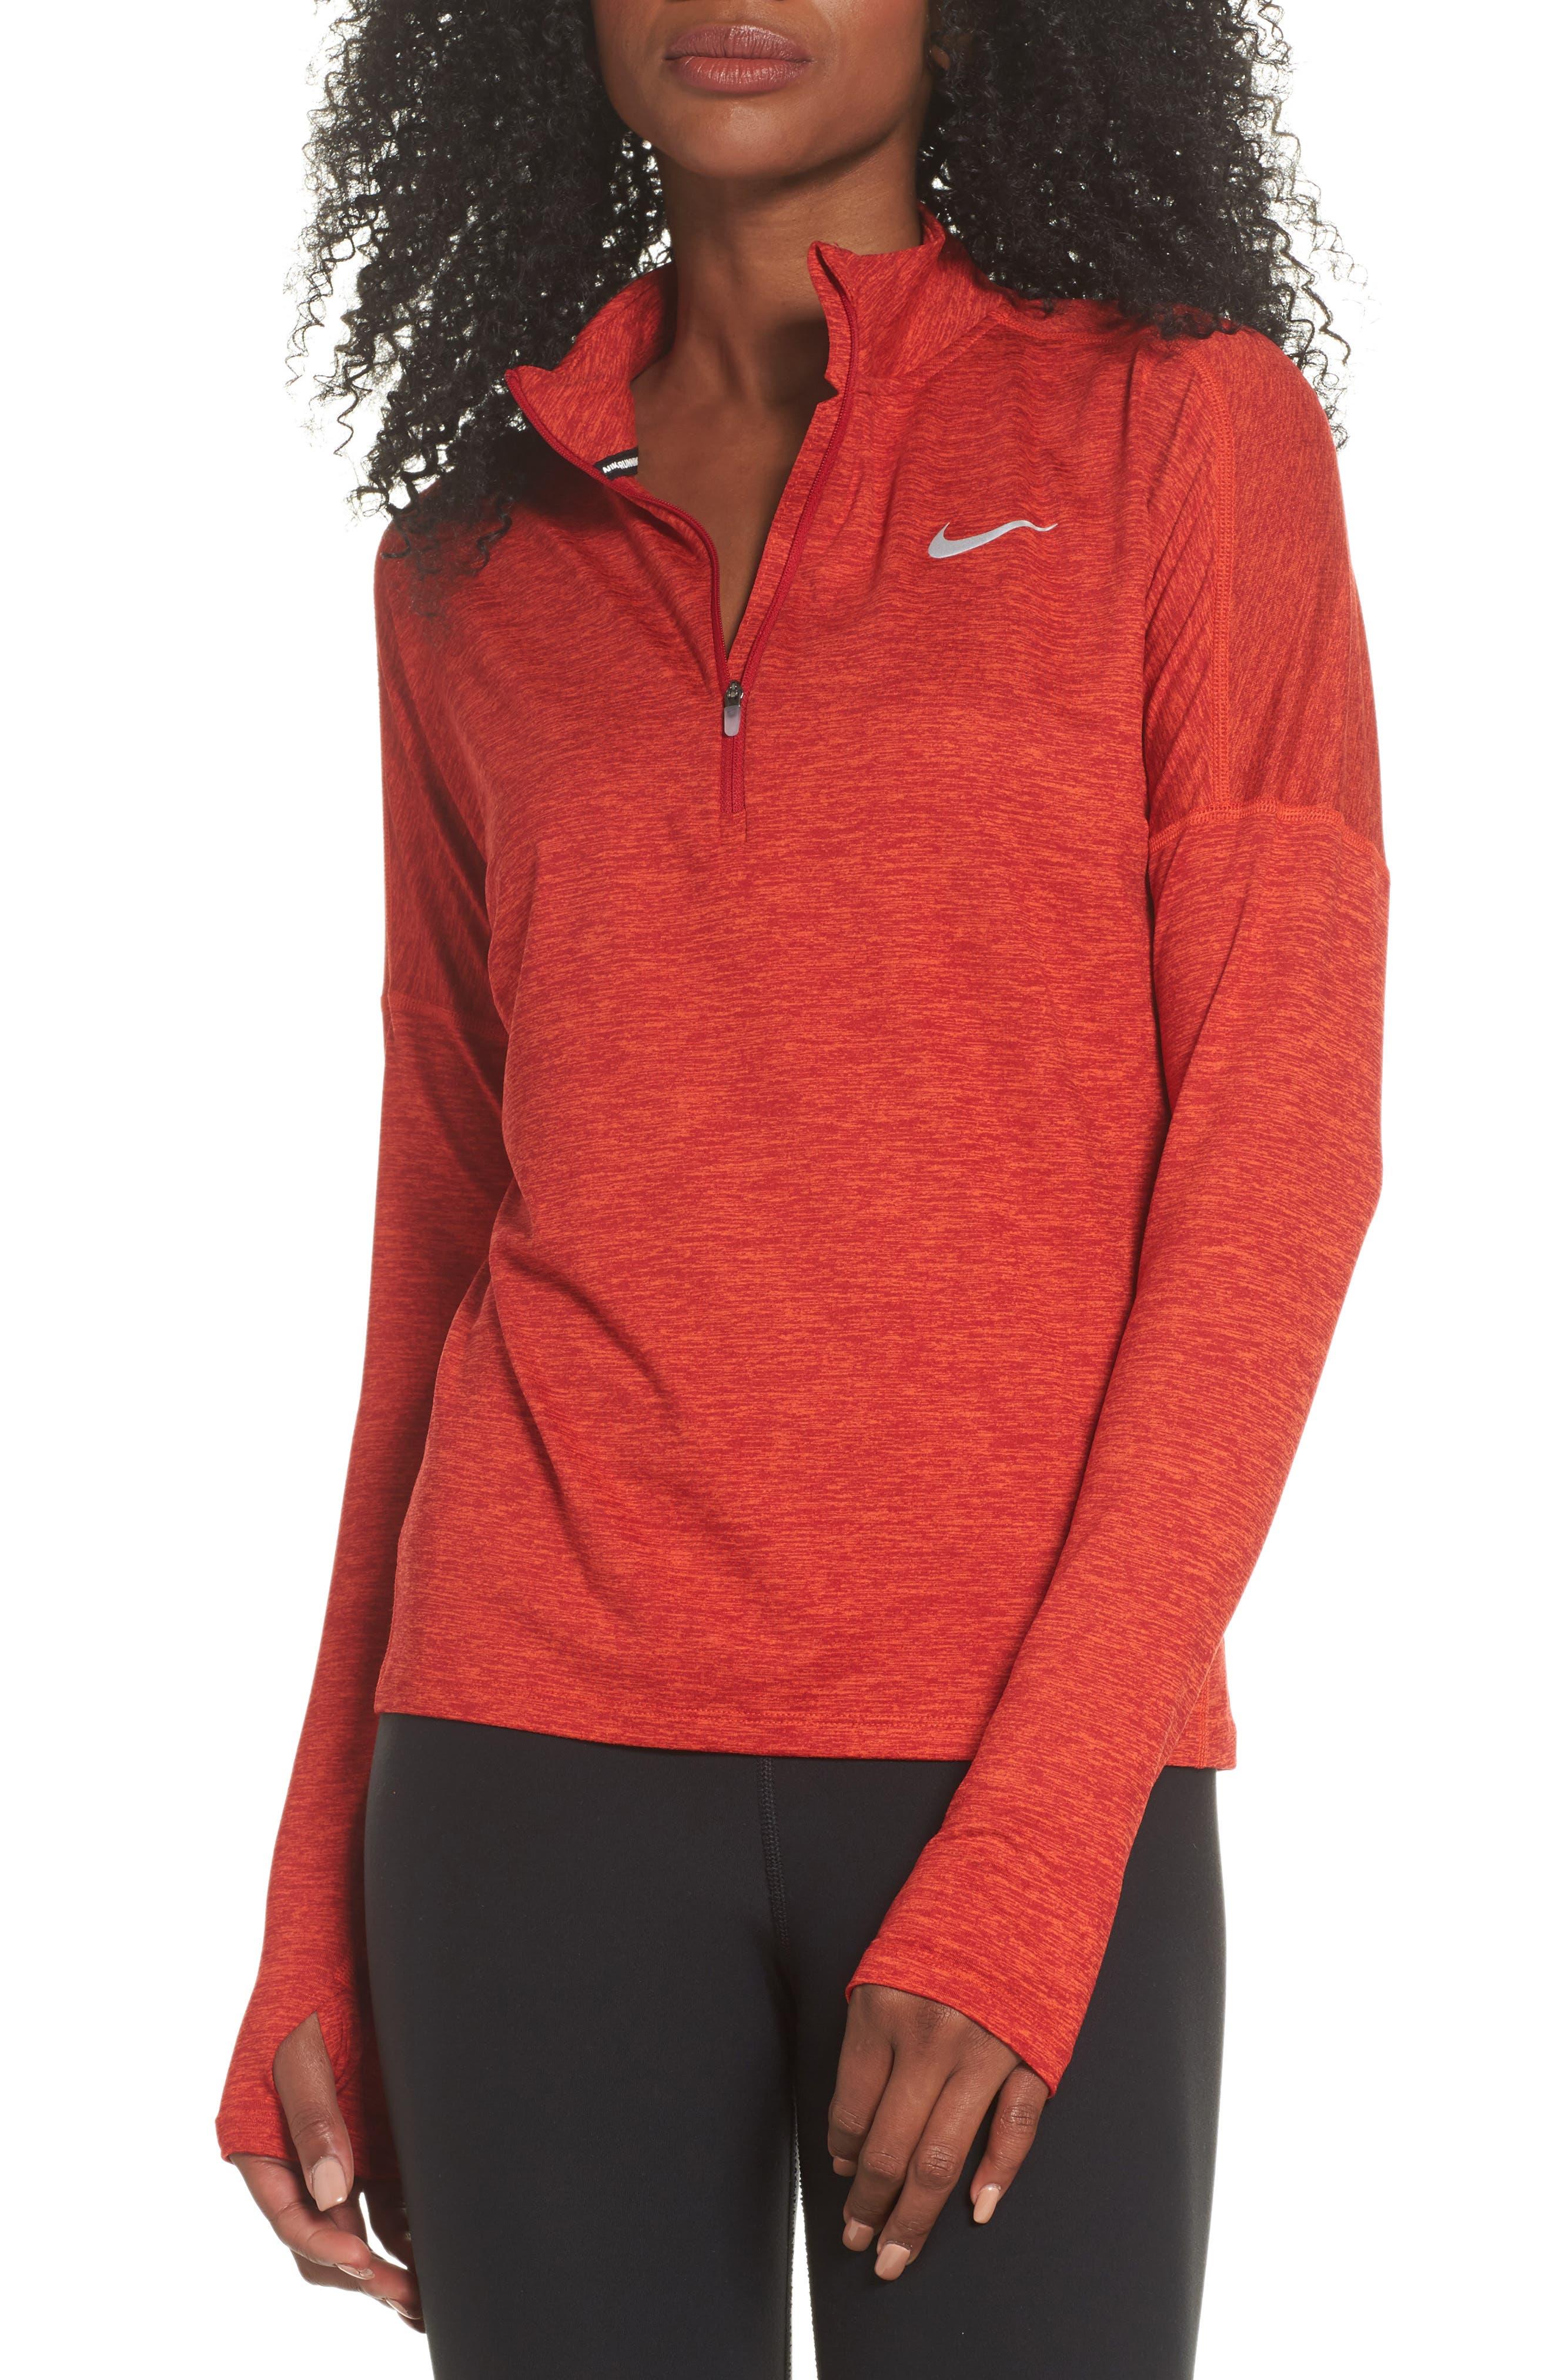 Main Image - Nike Dry Element Half Zip Top